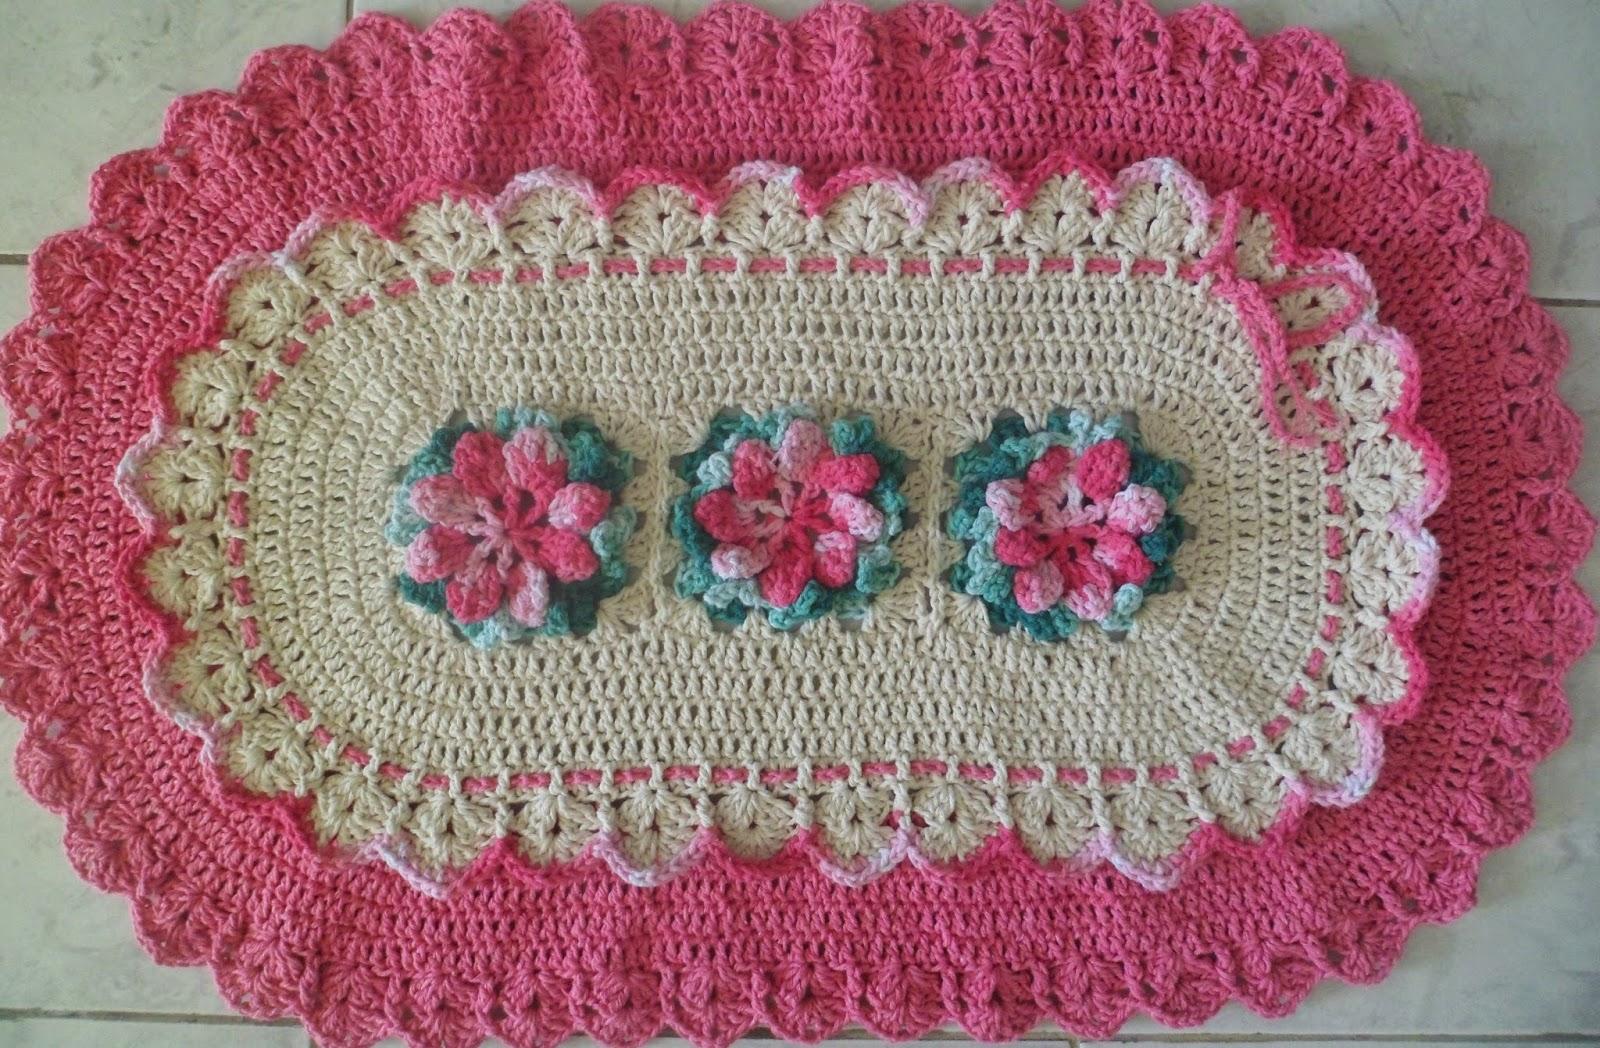 Pin Tapete Flores Croche Barbante Banheiro Decorado Genuardis Portal on Pinte # Banheiro Decorado Com Croche